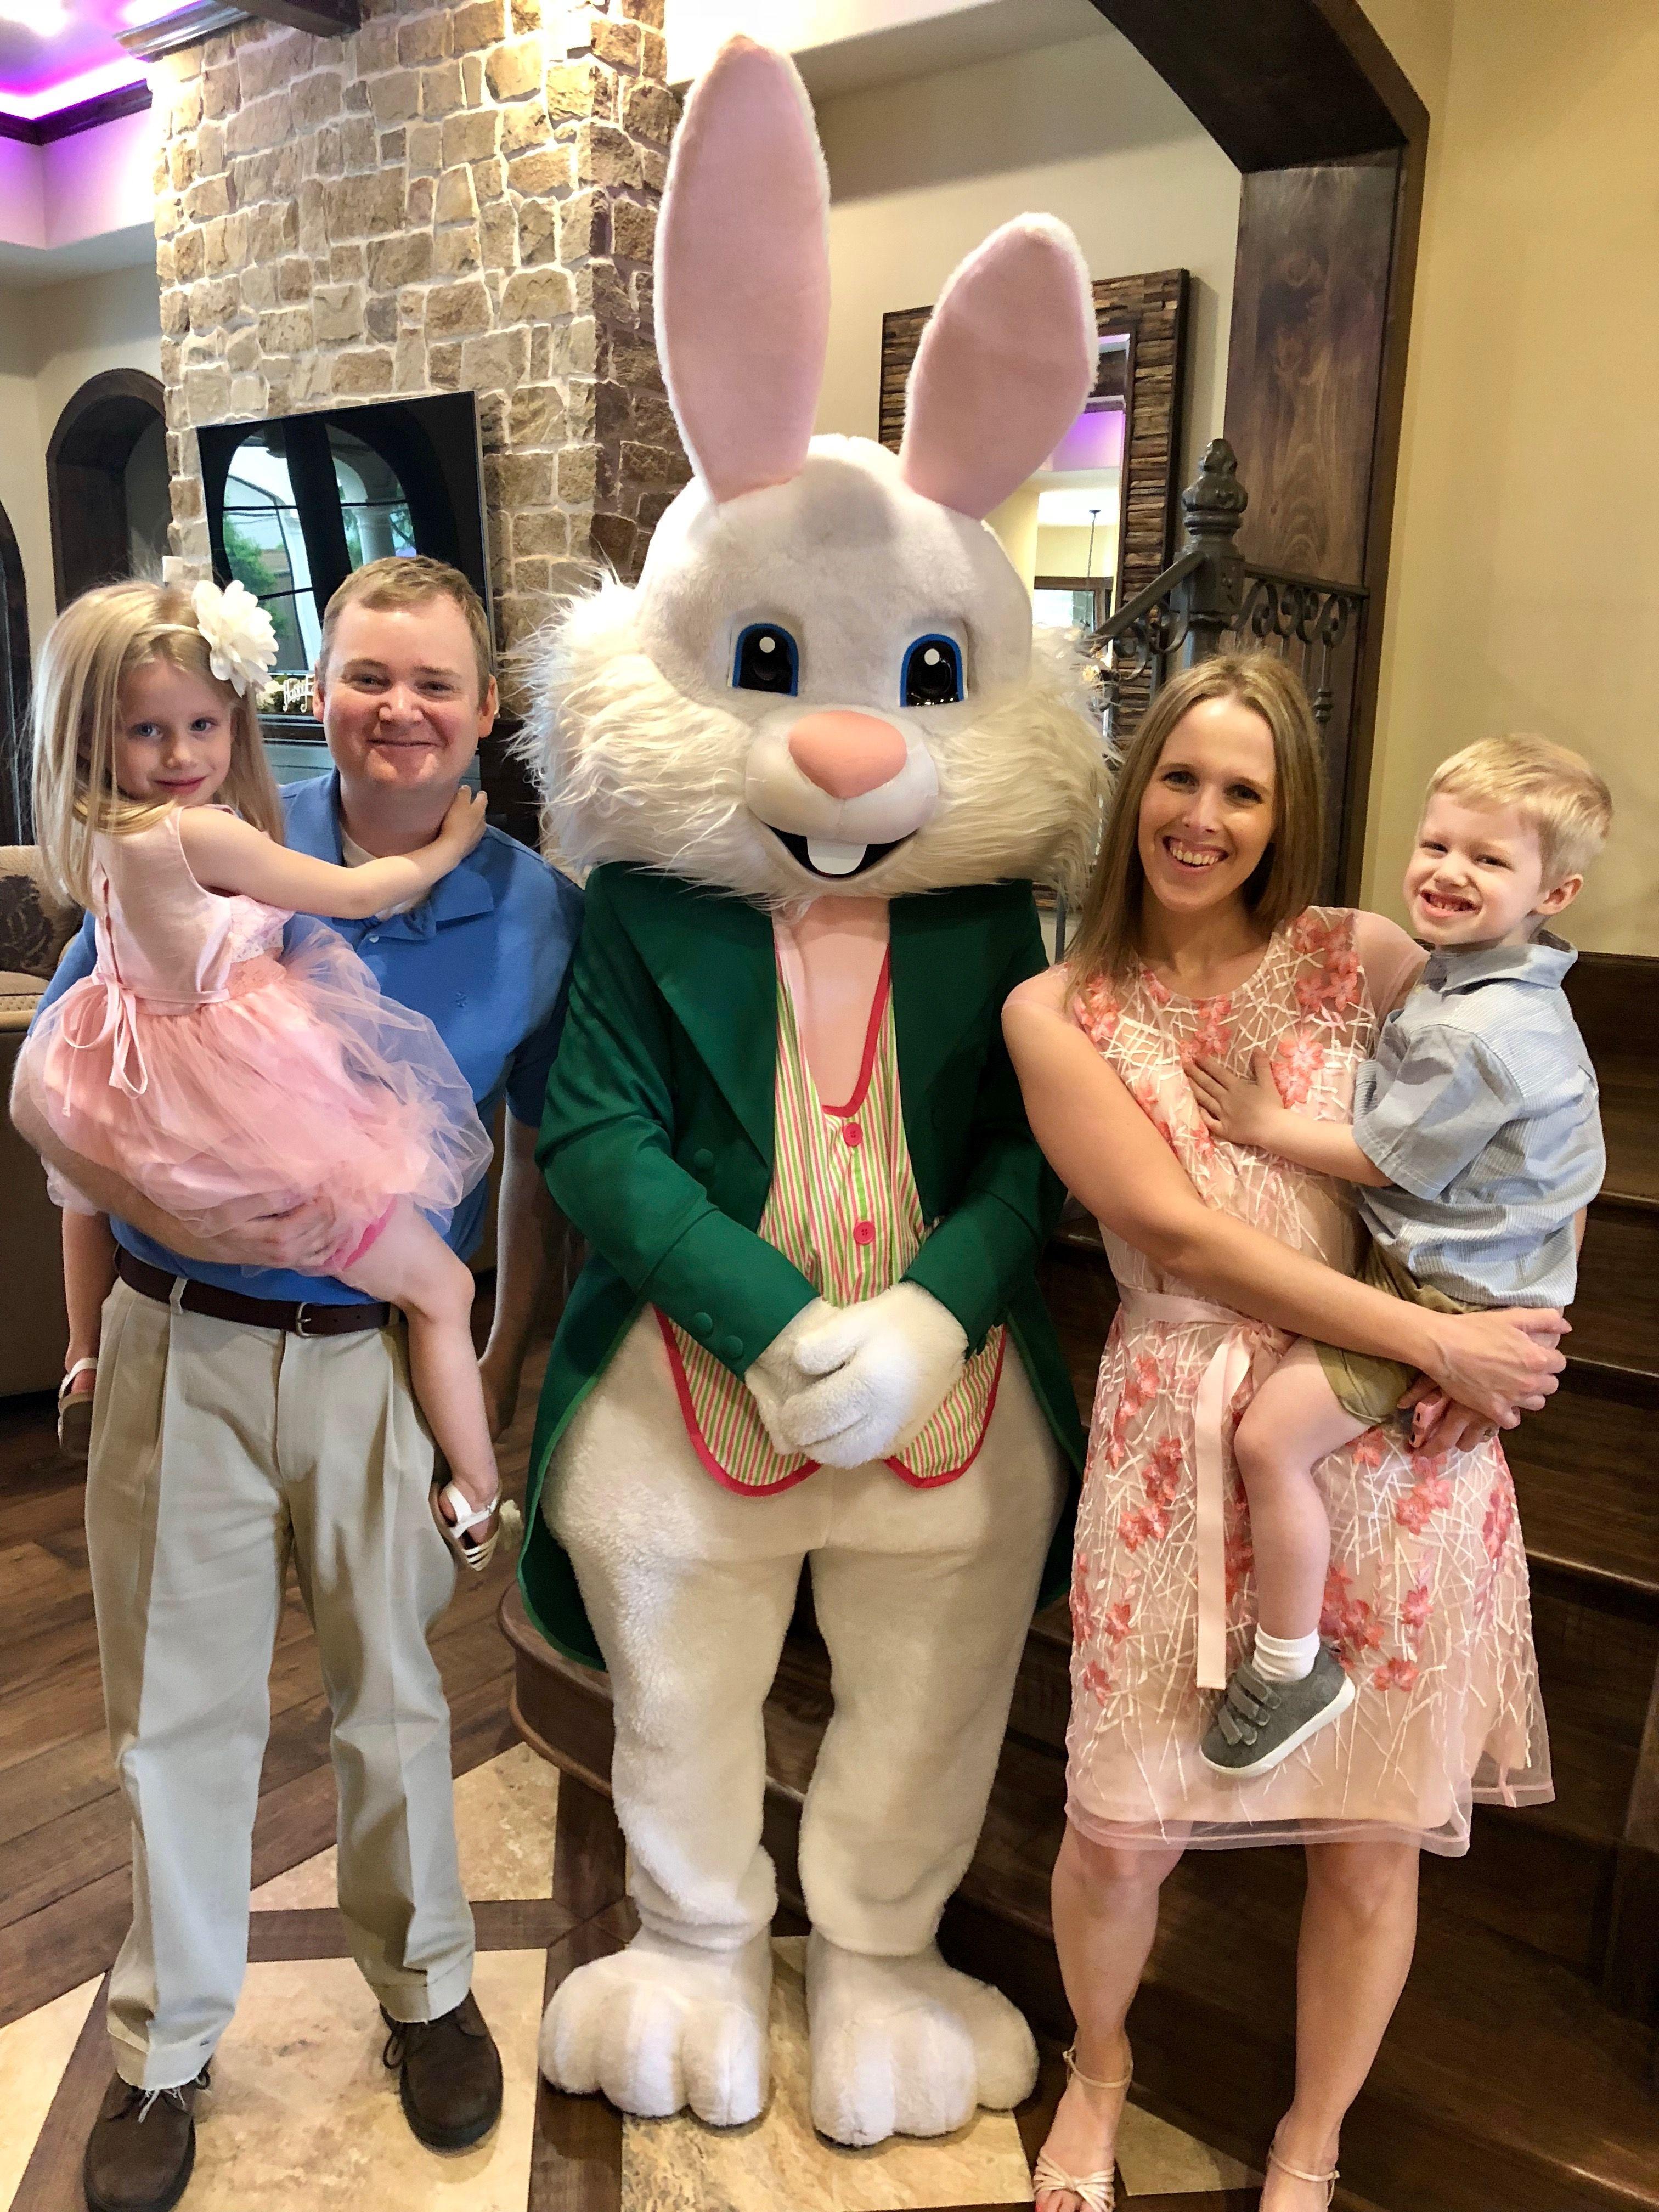 Sister's family Easter sunday, Easter luncheon, Egg hunt